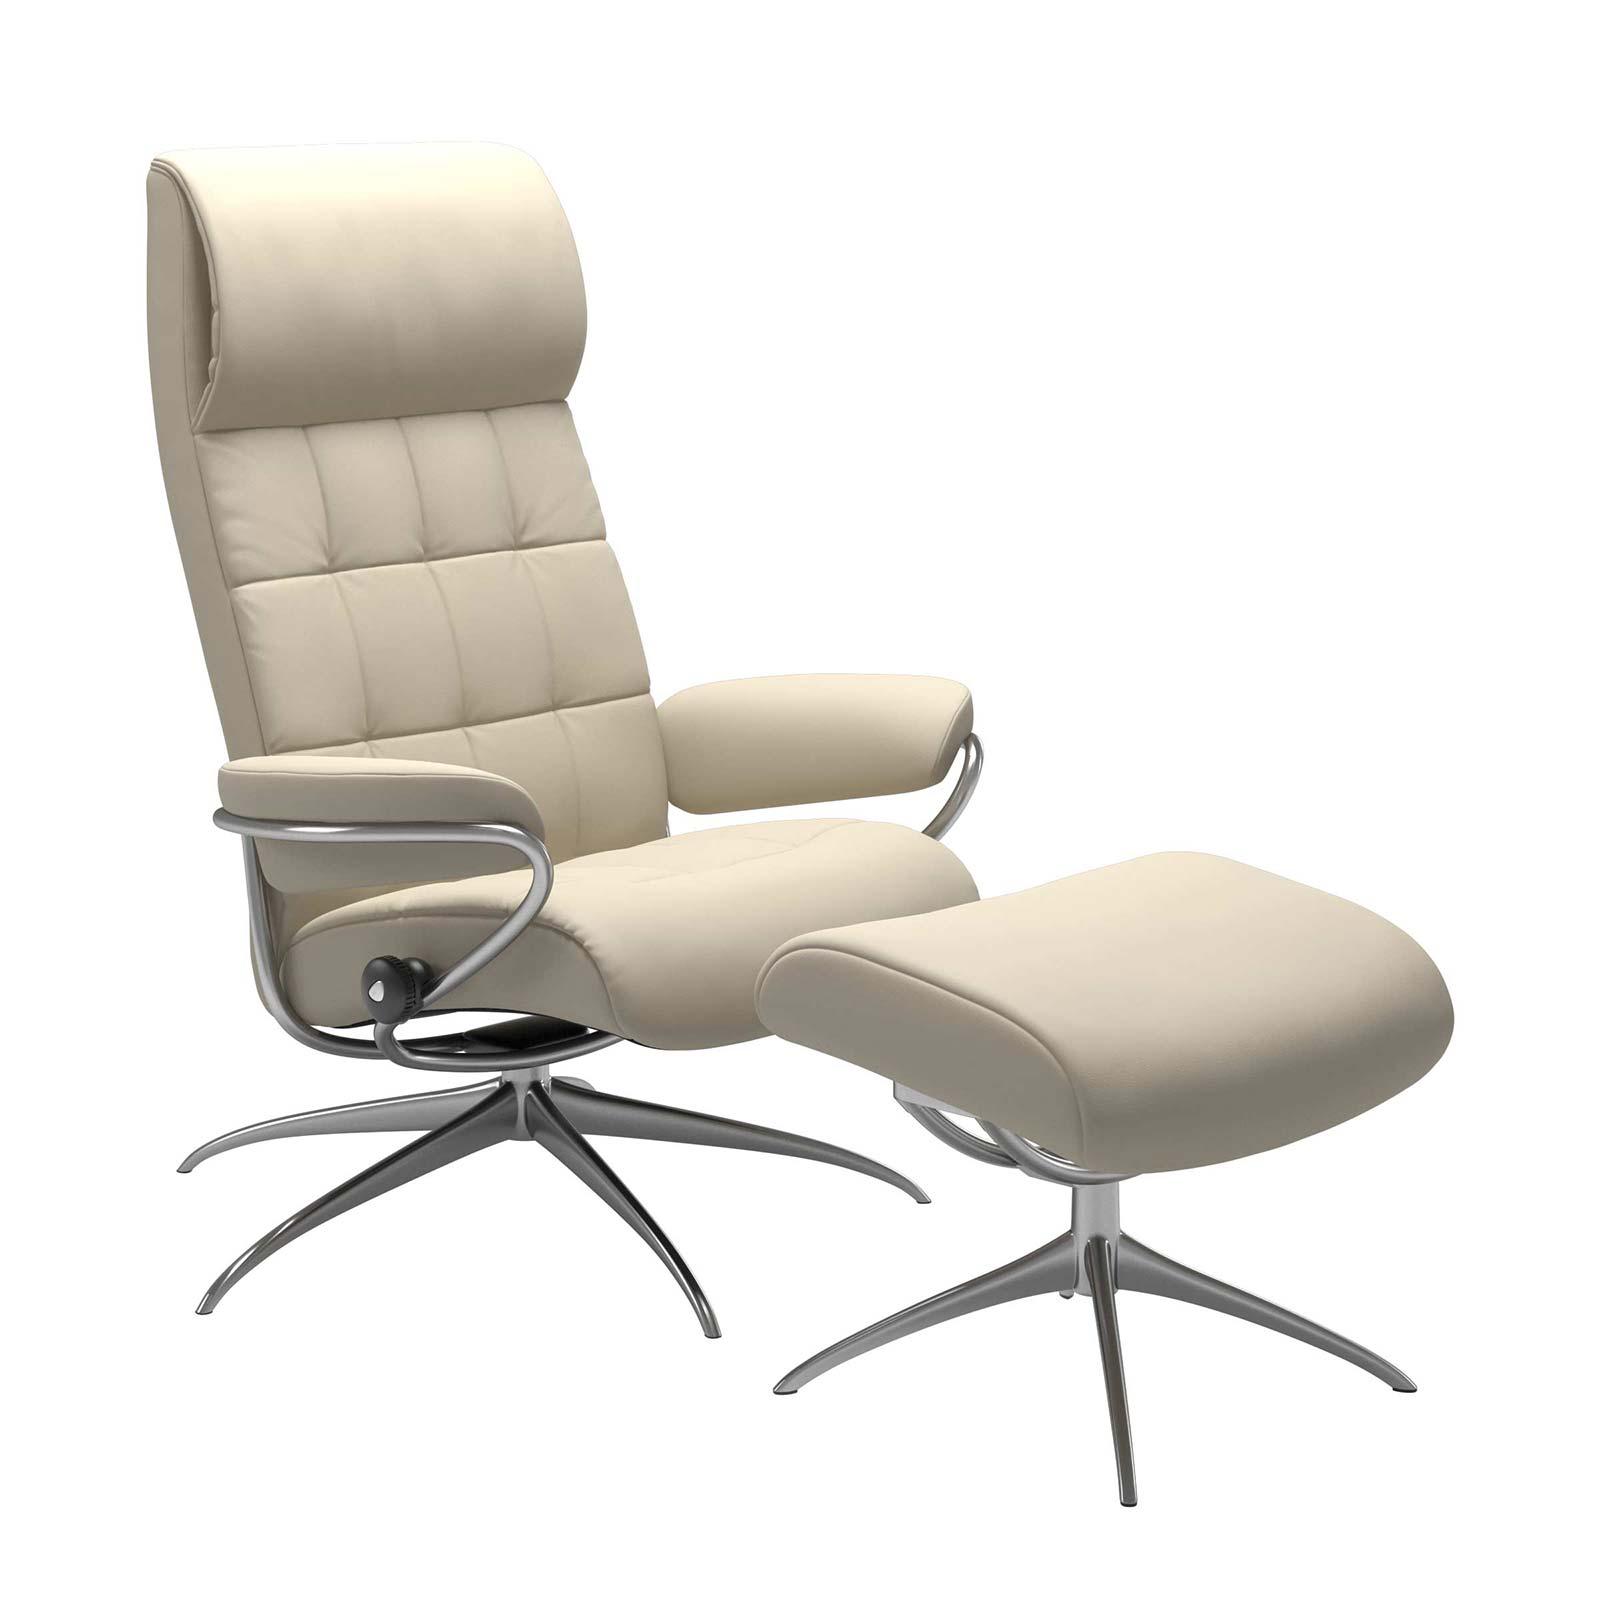 Sessel mit hoher Lehne Schwarz